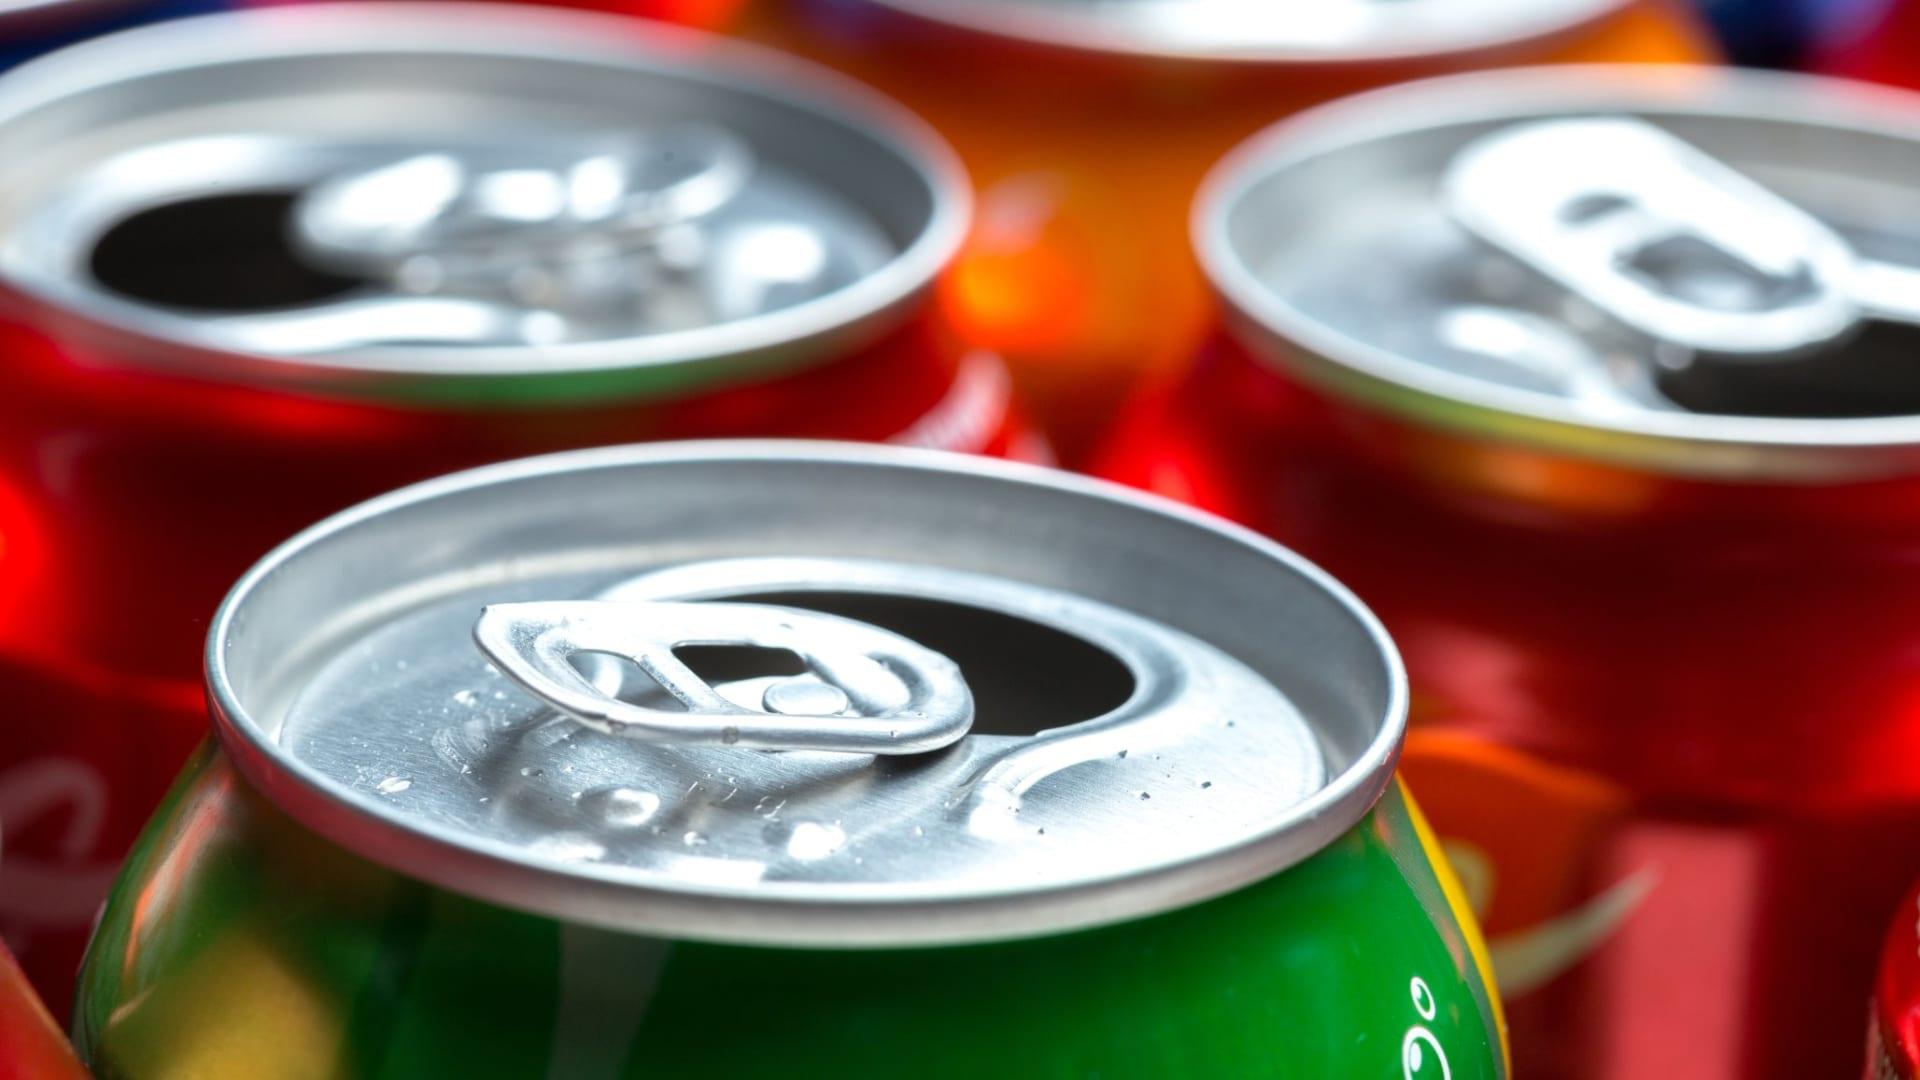 دراسة: مشروبات الحمية مرتبطة بمشاكل القلب.. إليك ما يجب فعله